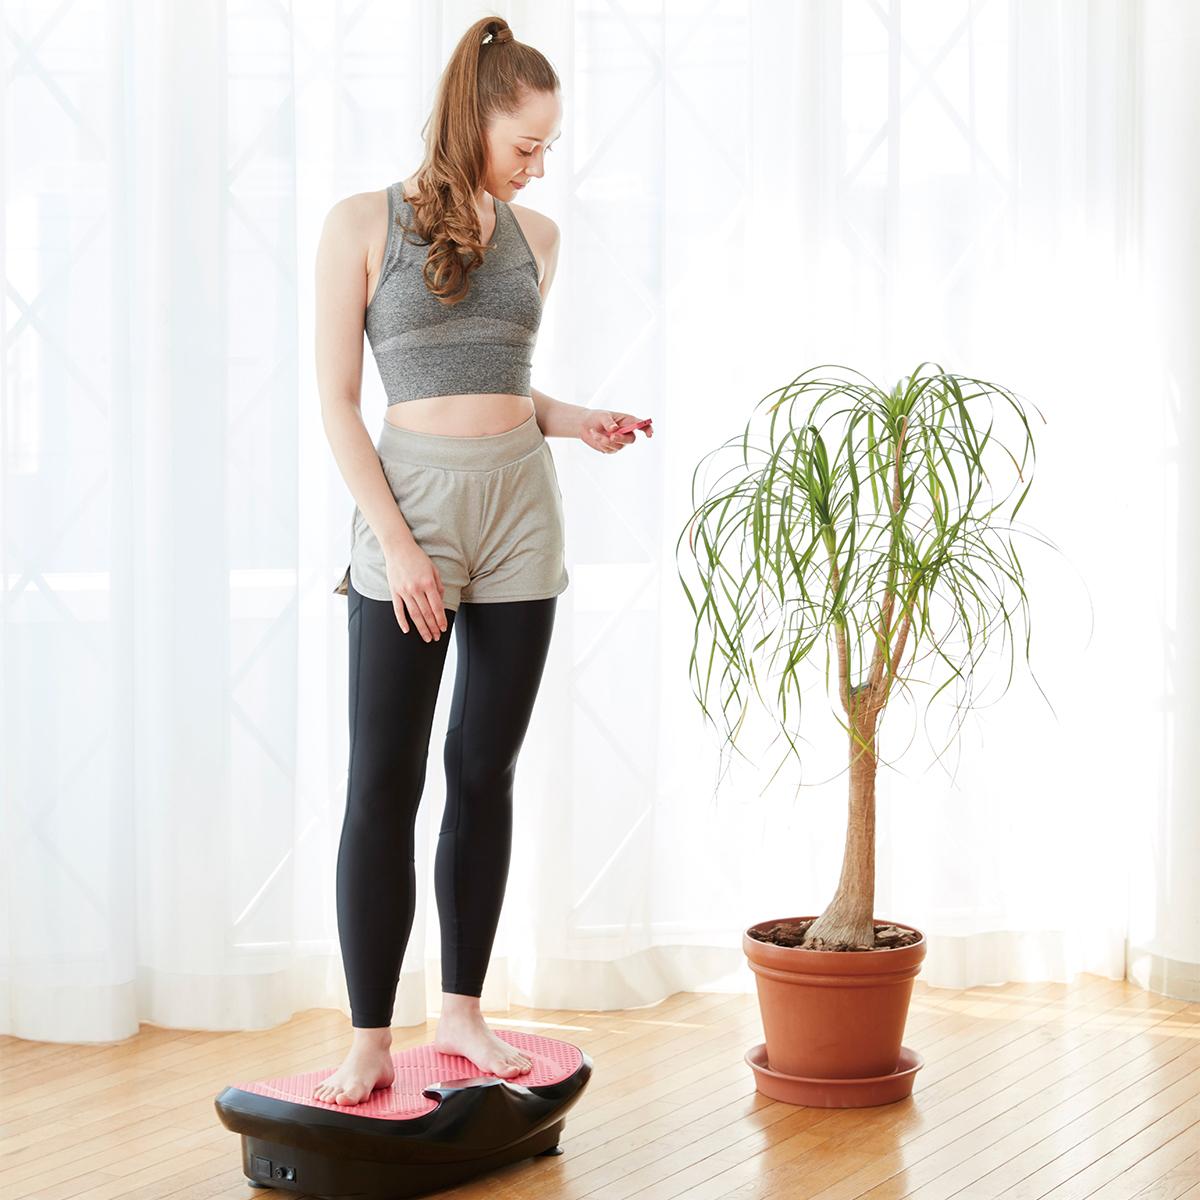 朝ドラを見ながら、15分ブルブル習慣|体幹を鍛えて若々しい体をつくる振動ボード|ドクターエア 3Dスーパーブレード/スマートモデル